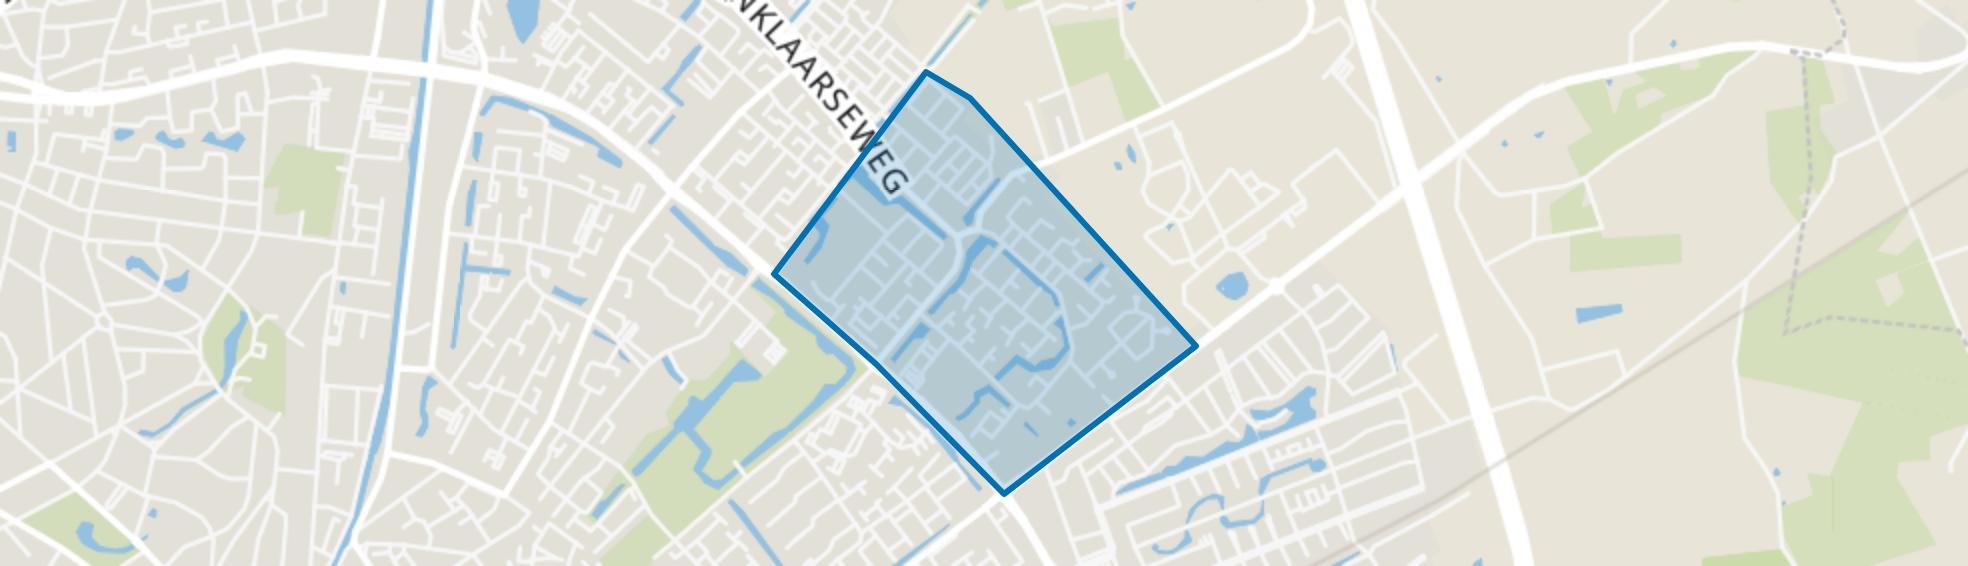 Sprenkelaar, Apeldoorn map